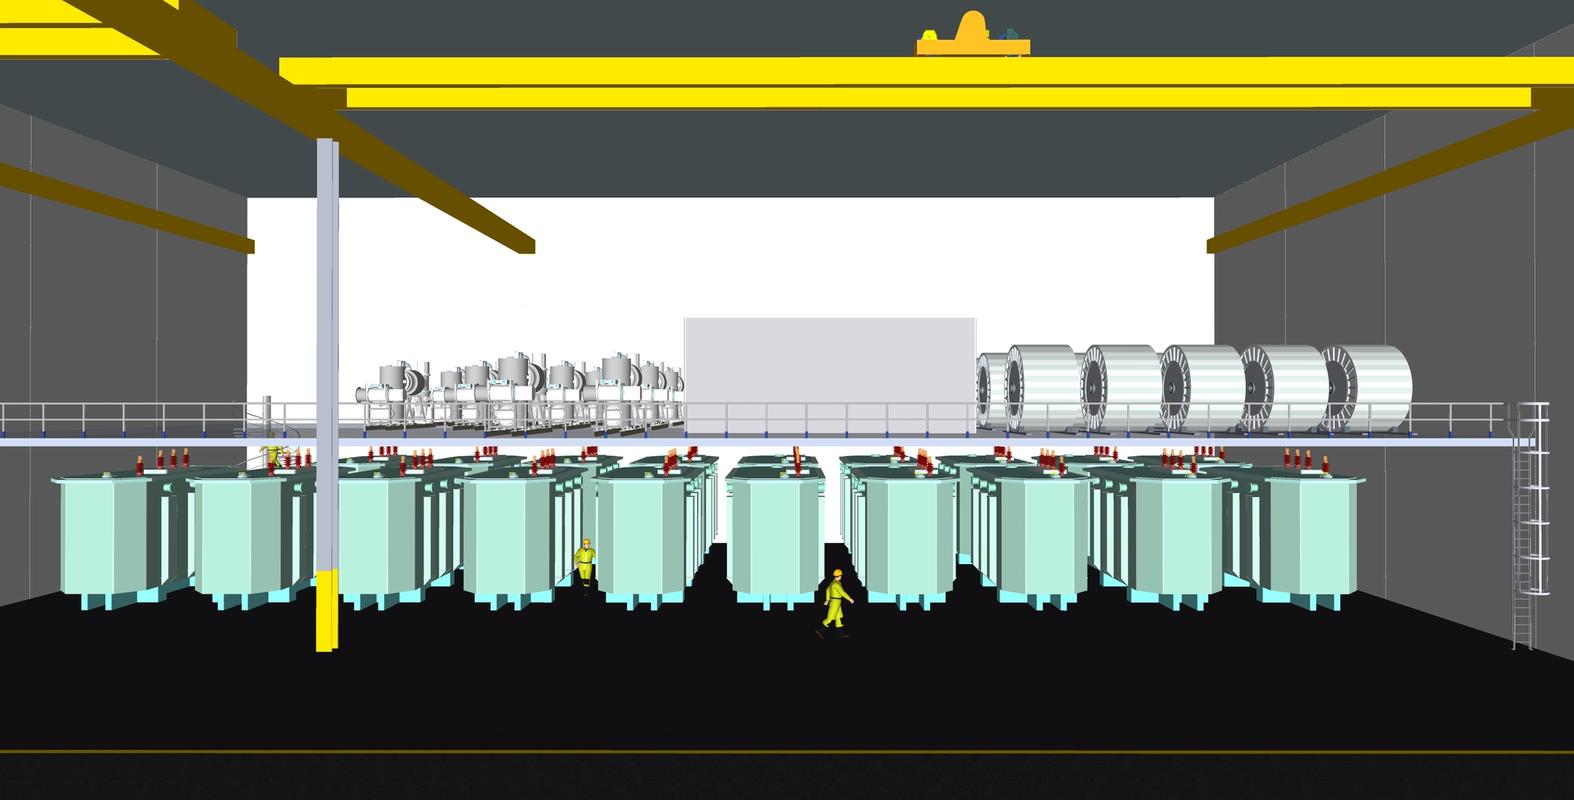 Bildet viser en illustrasjon over en fremstilling av et fremtidig lager